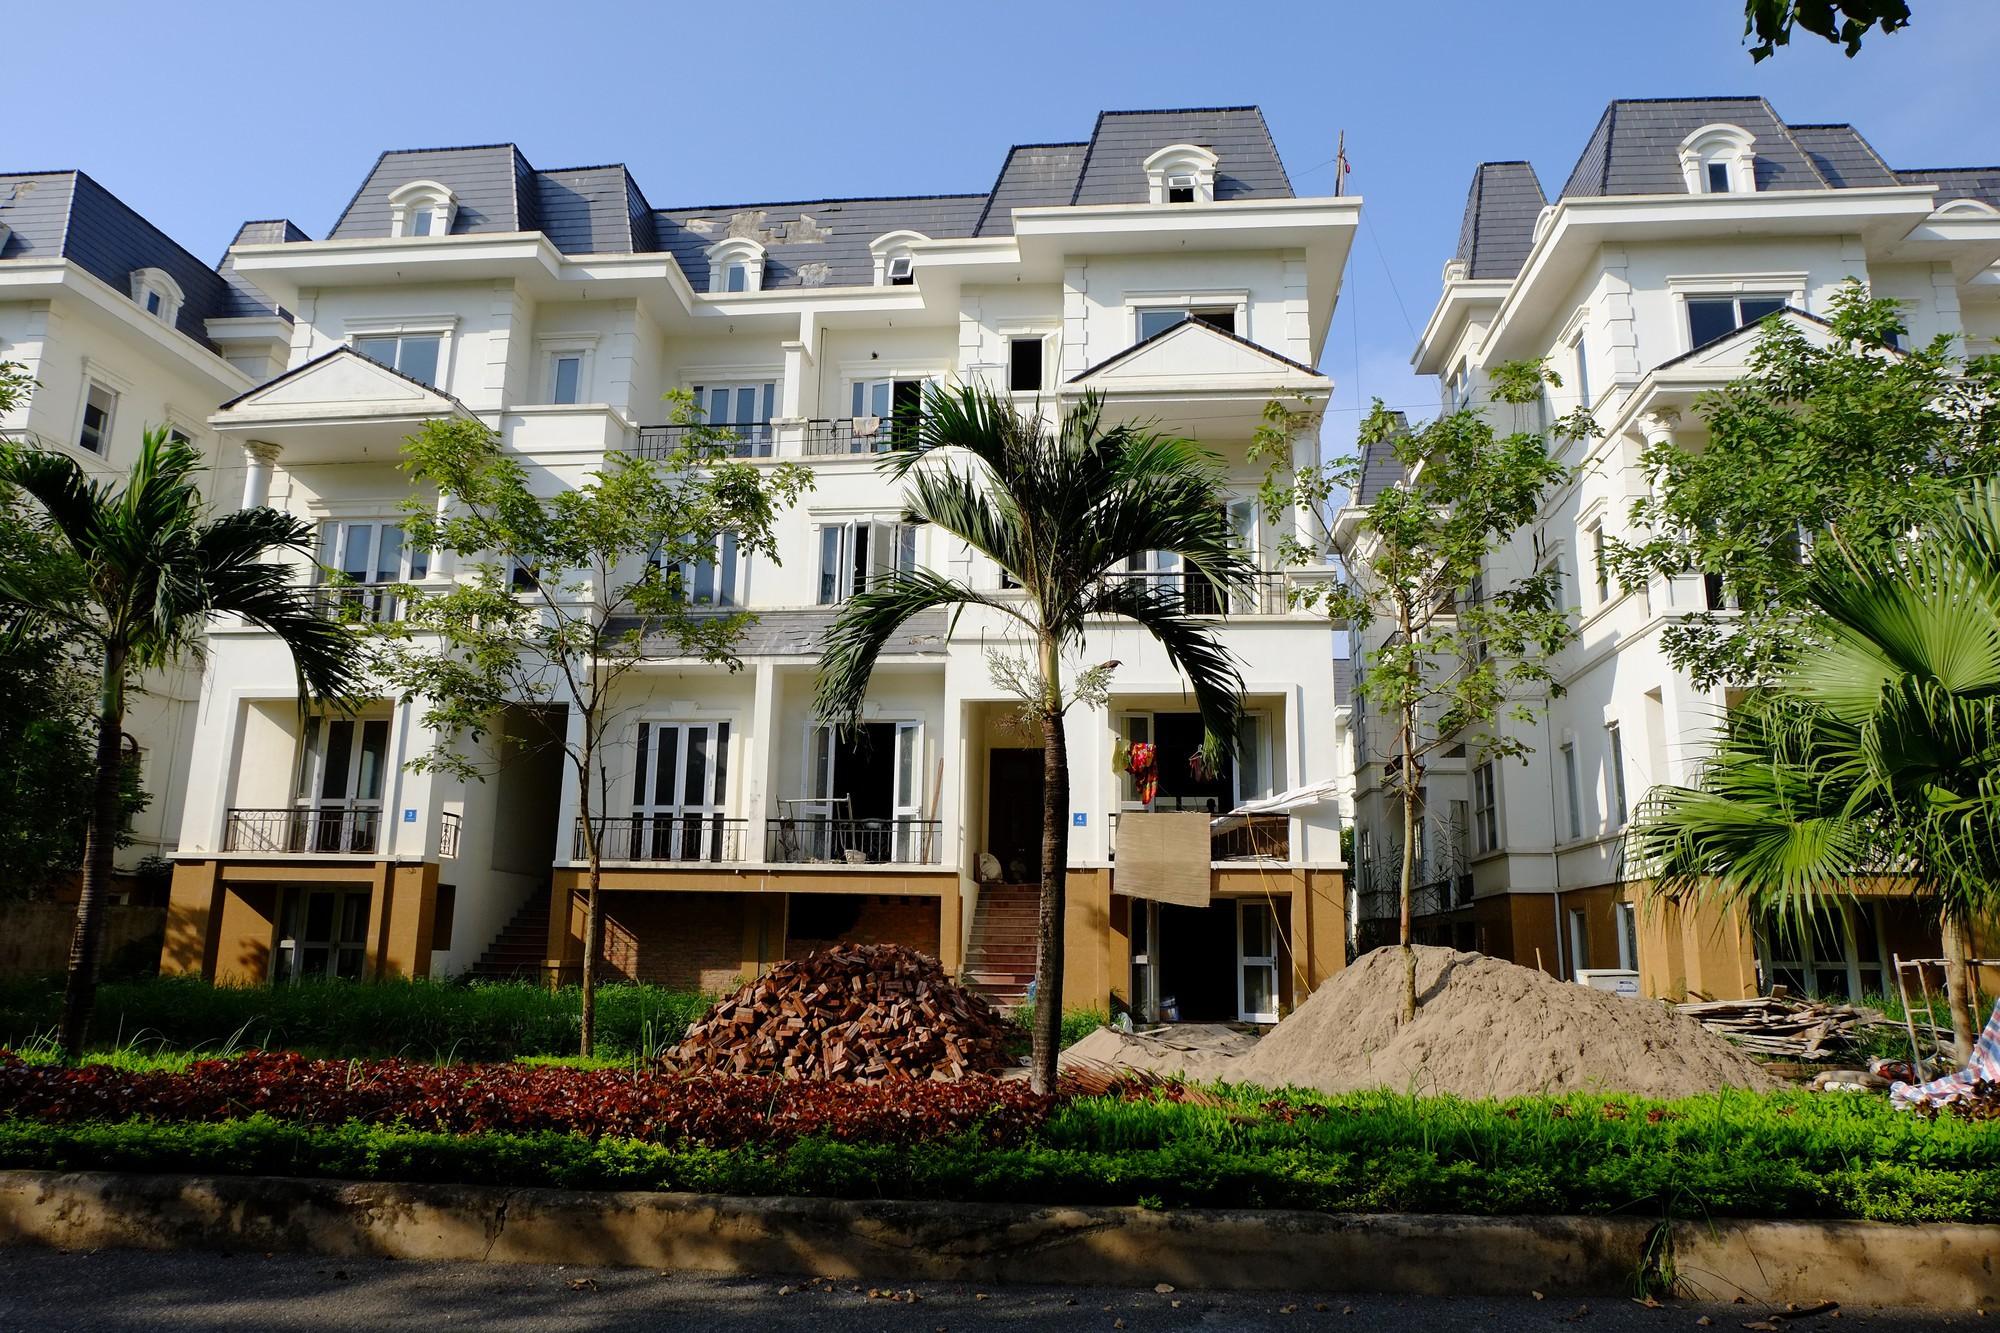 Tin tức Bất động sản ngày 9/5: Công viên Sài Gòn Safari tìm NĐT mới sau khi Vingroup rút, diễn biến mới của cơn sốt đất... - Ảnh 1.